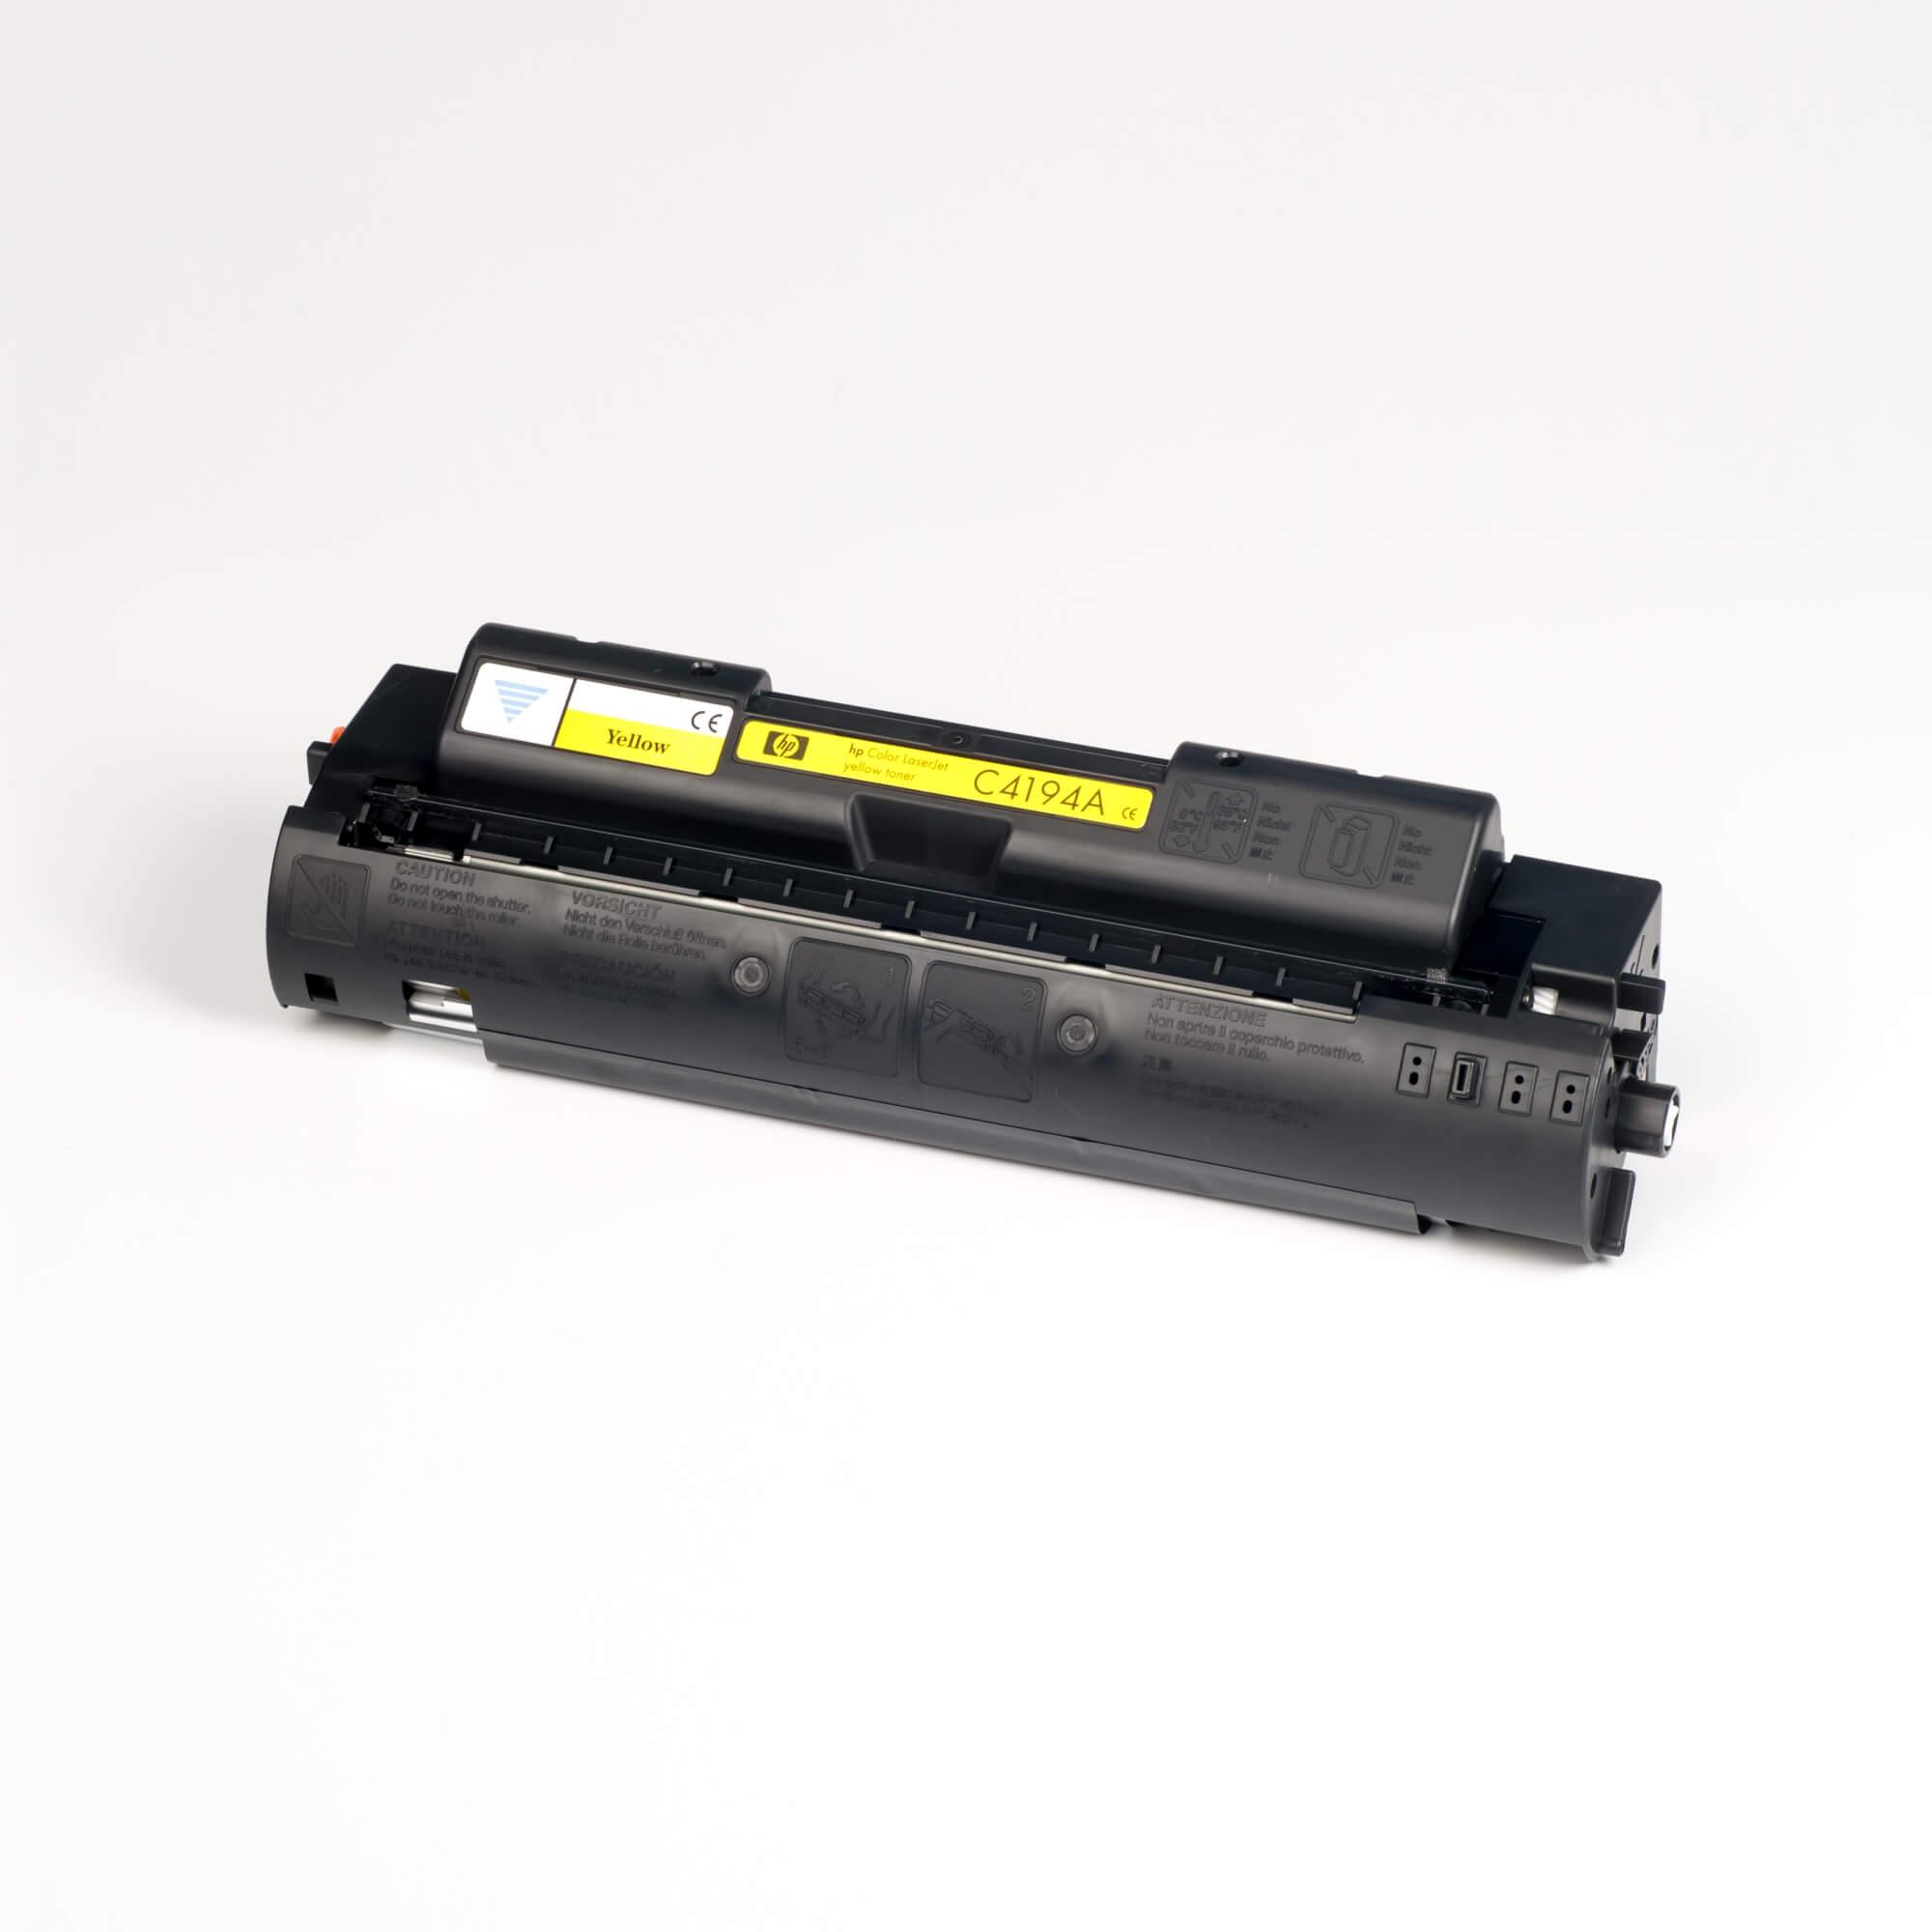 Auf dem Bild sehen Sie eine HP C4194A Gelb Original Tonerkartusche